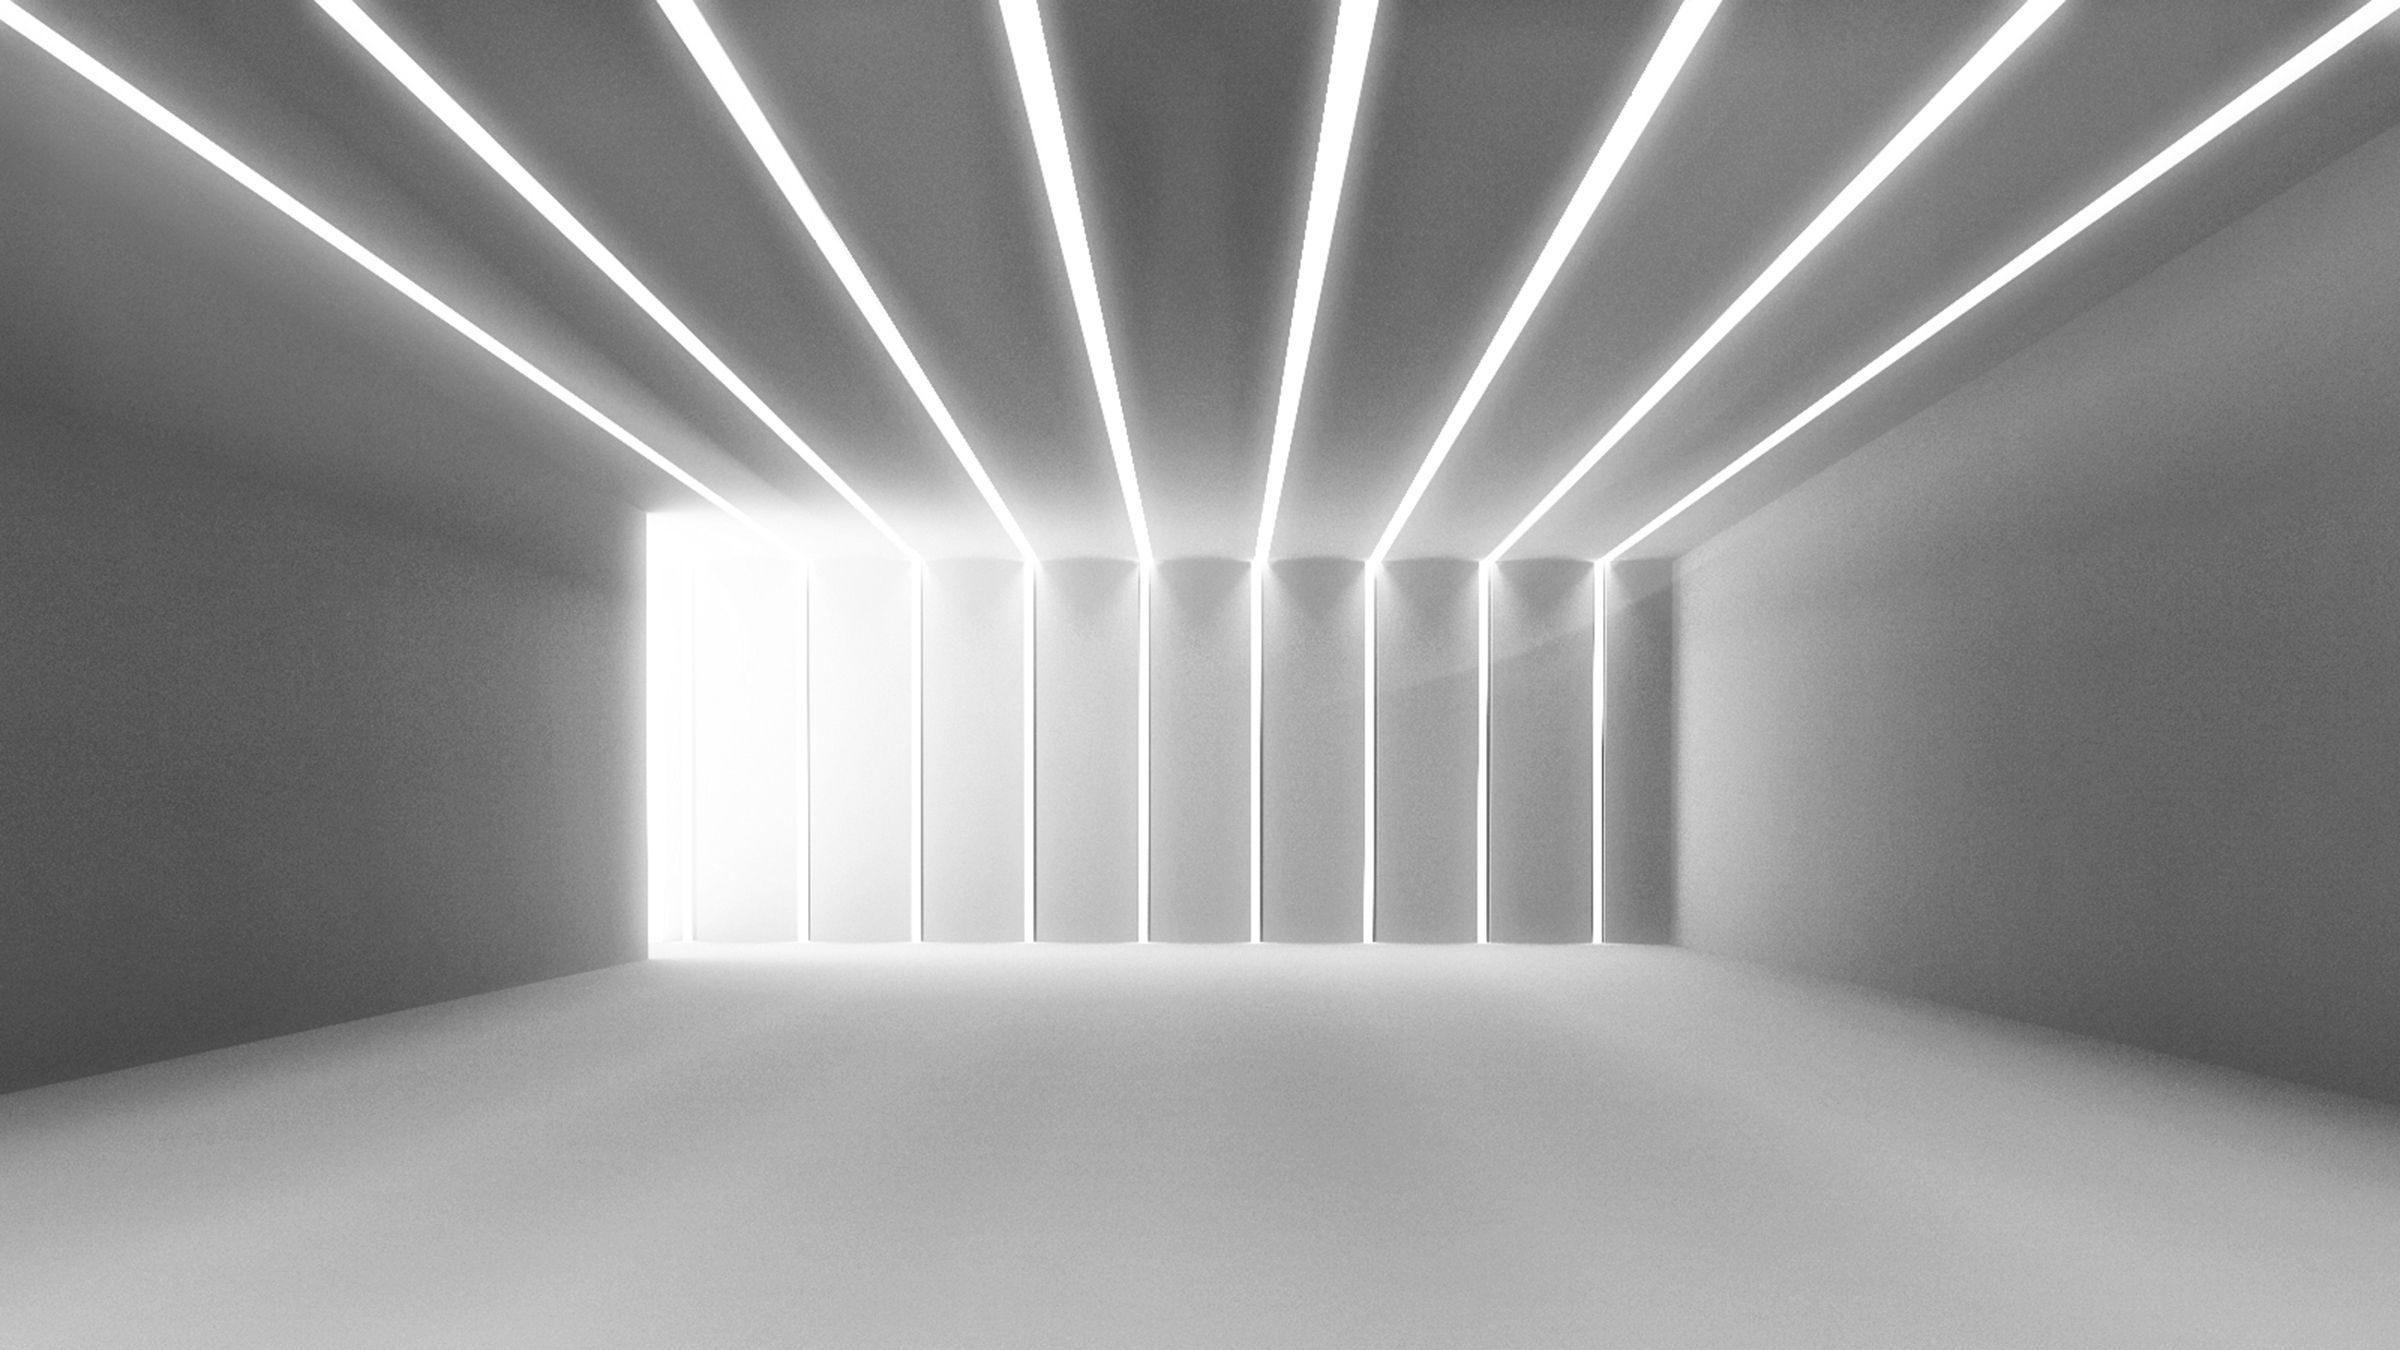 Velette per illuminazione indiretta LED e taglio di luce diffusa